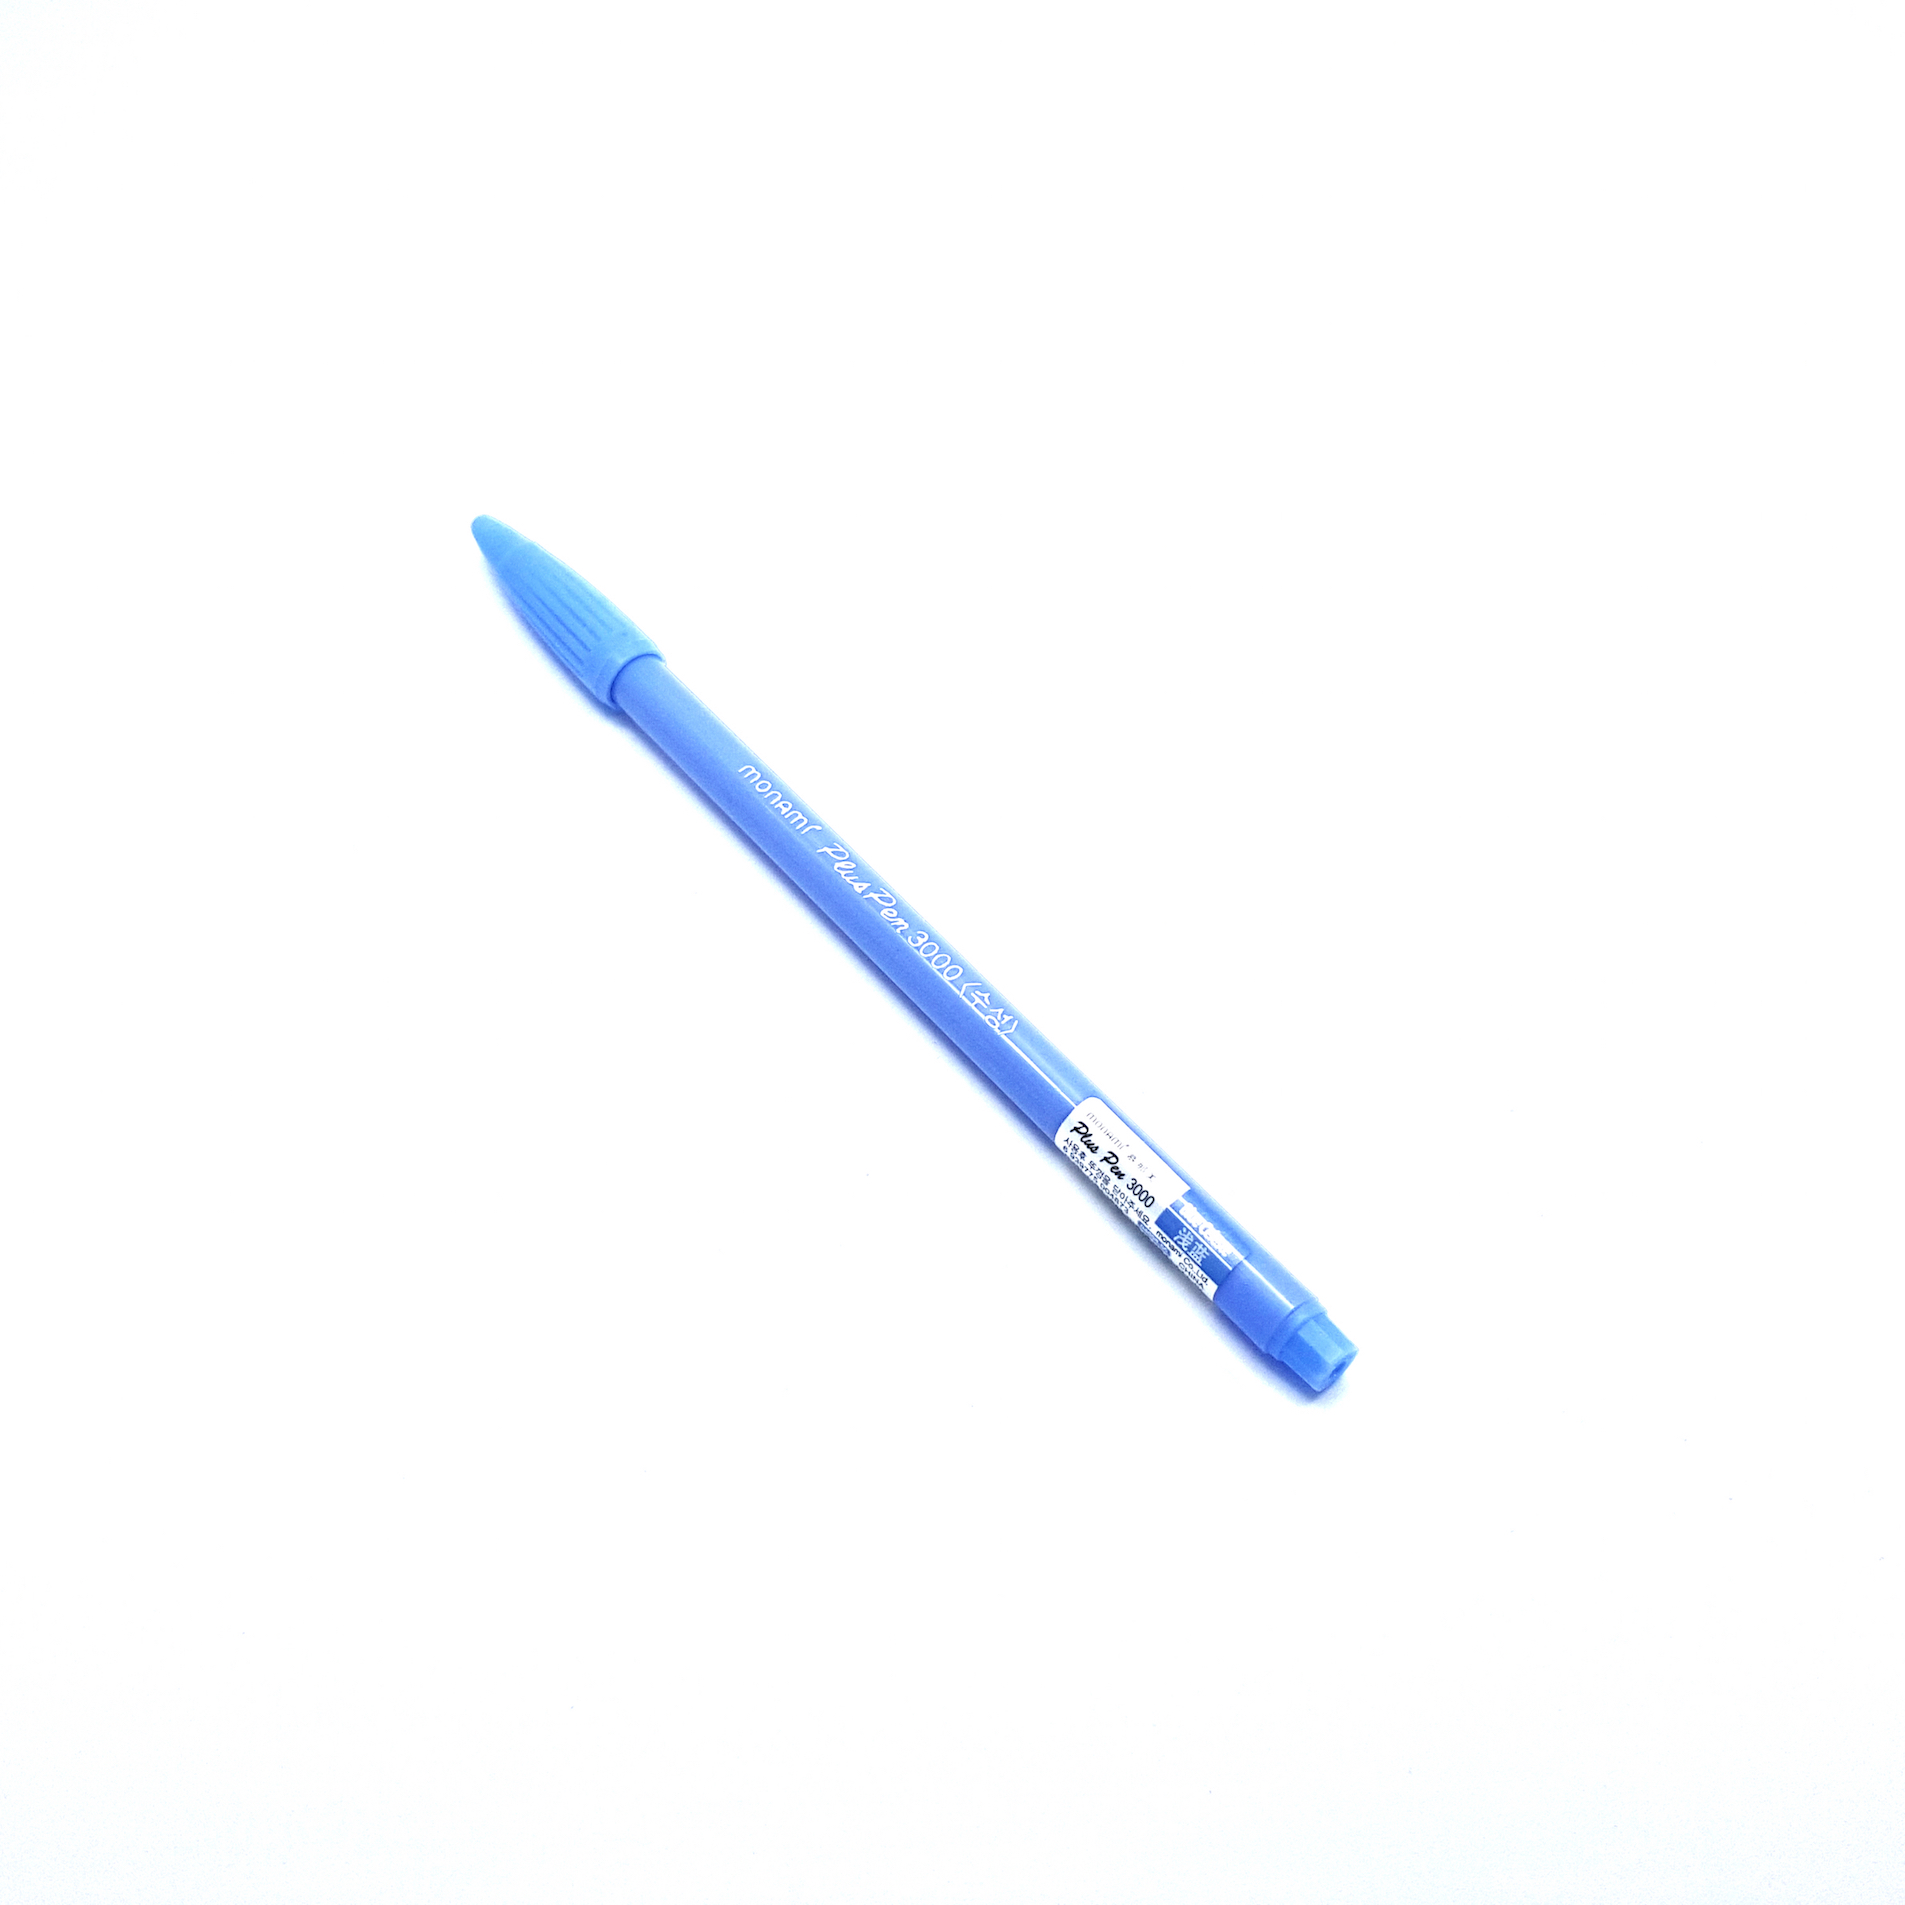 ปากกาสี Monami PlusPen 3000 - No.55 Blue Celeste